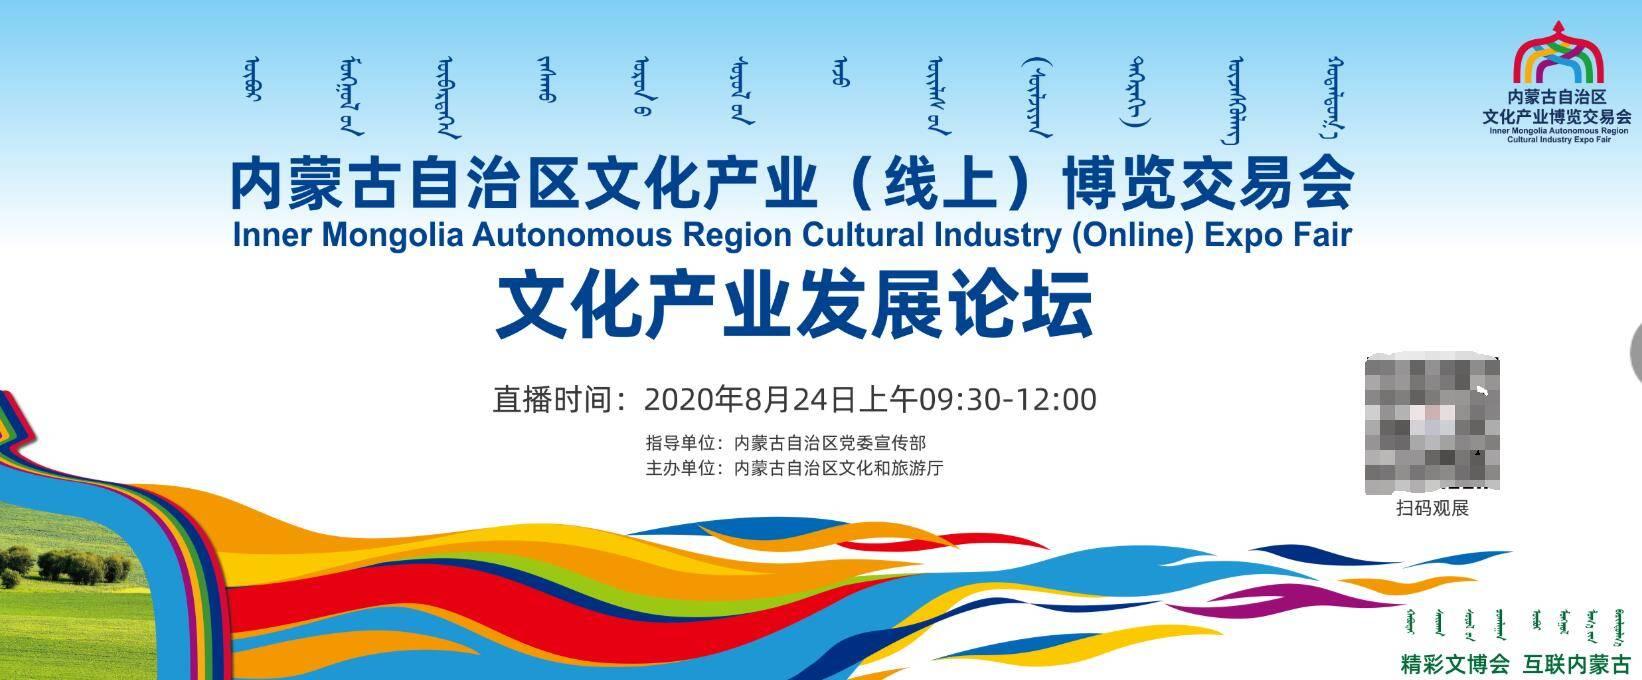 繁荣文化工业 共筑亮丽北疆 内蒙古(线上)文博会 文化工业生长论坛即将举行